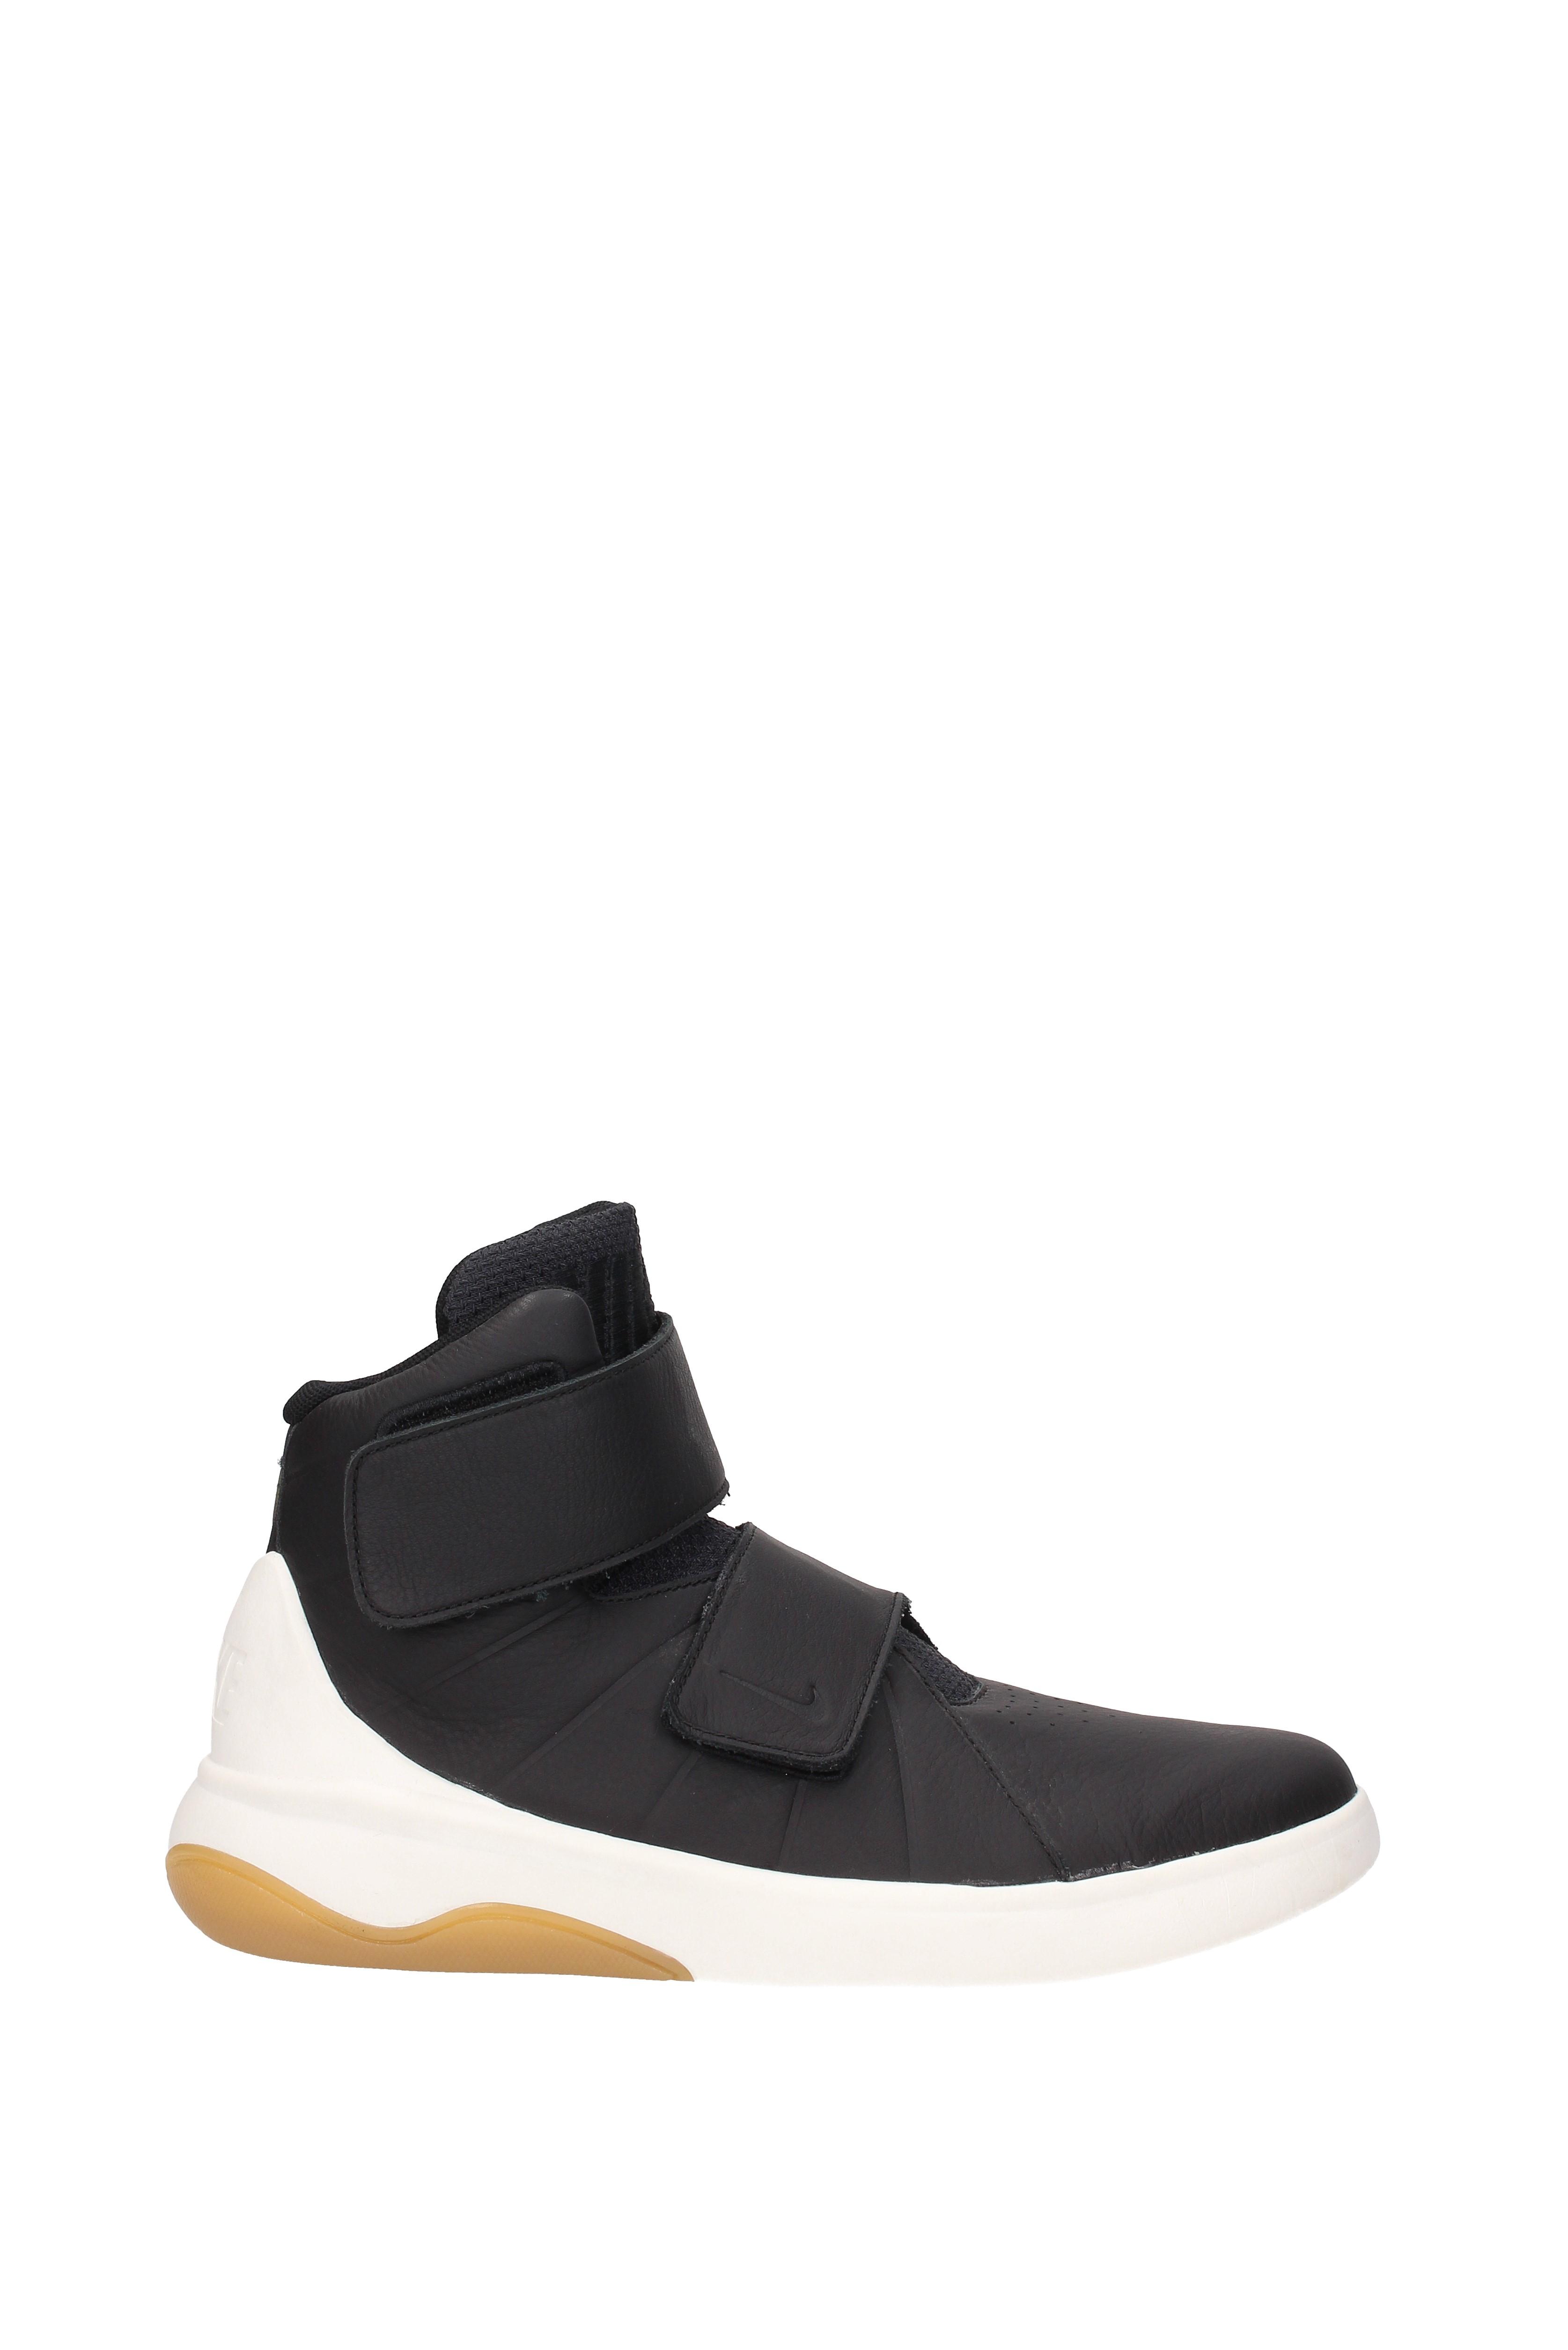 Sneakers Nike marxman marxman marxman prm hombre - Pelle (832766) a10afd